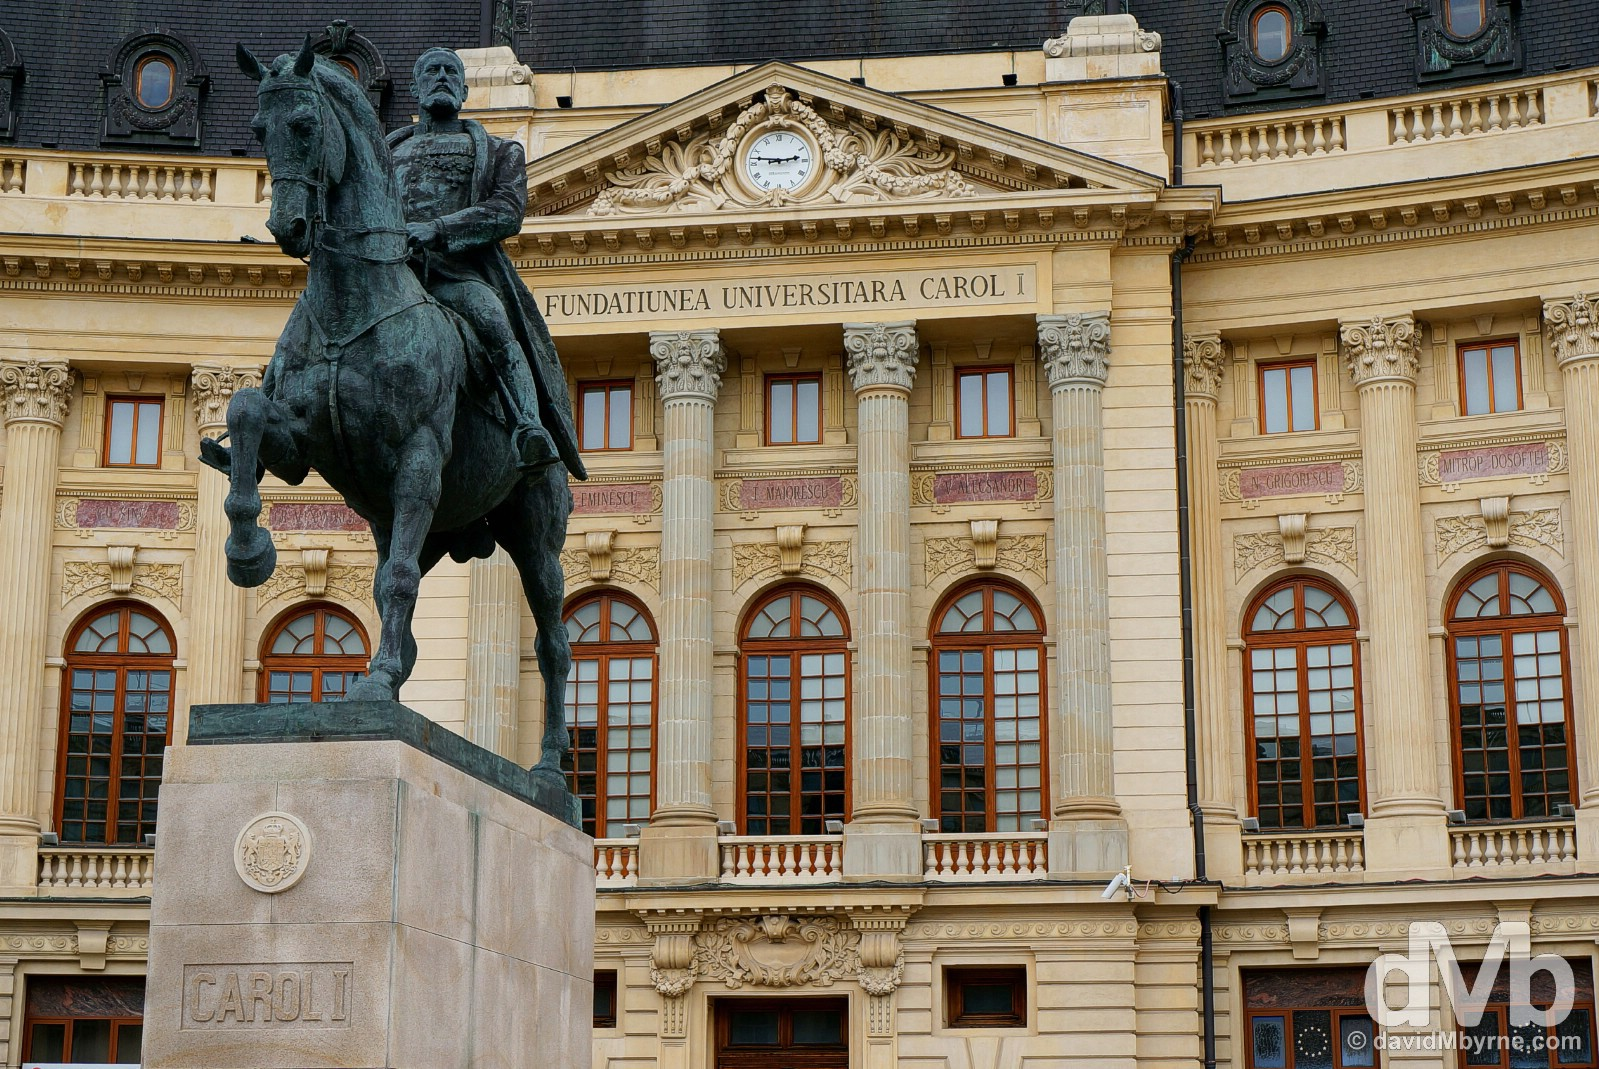 The Central University Library in Piata Revolutiei (Revolution Square), Bucharest, Romania. April 1, 2015.